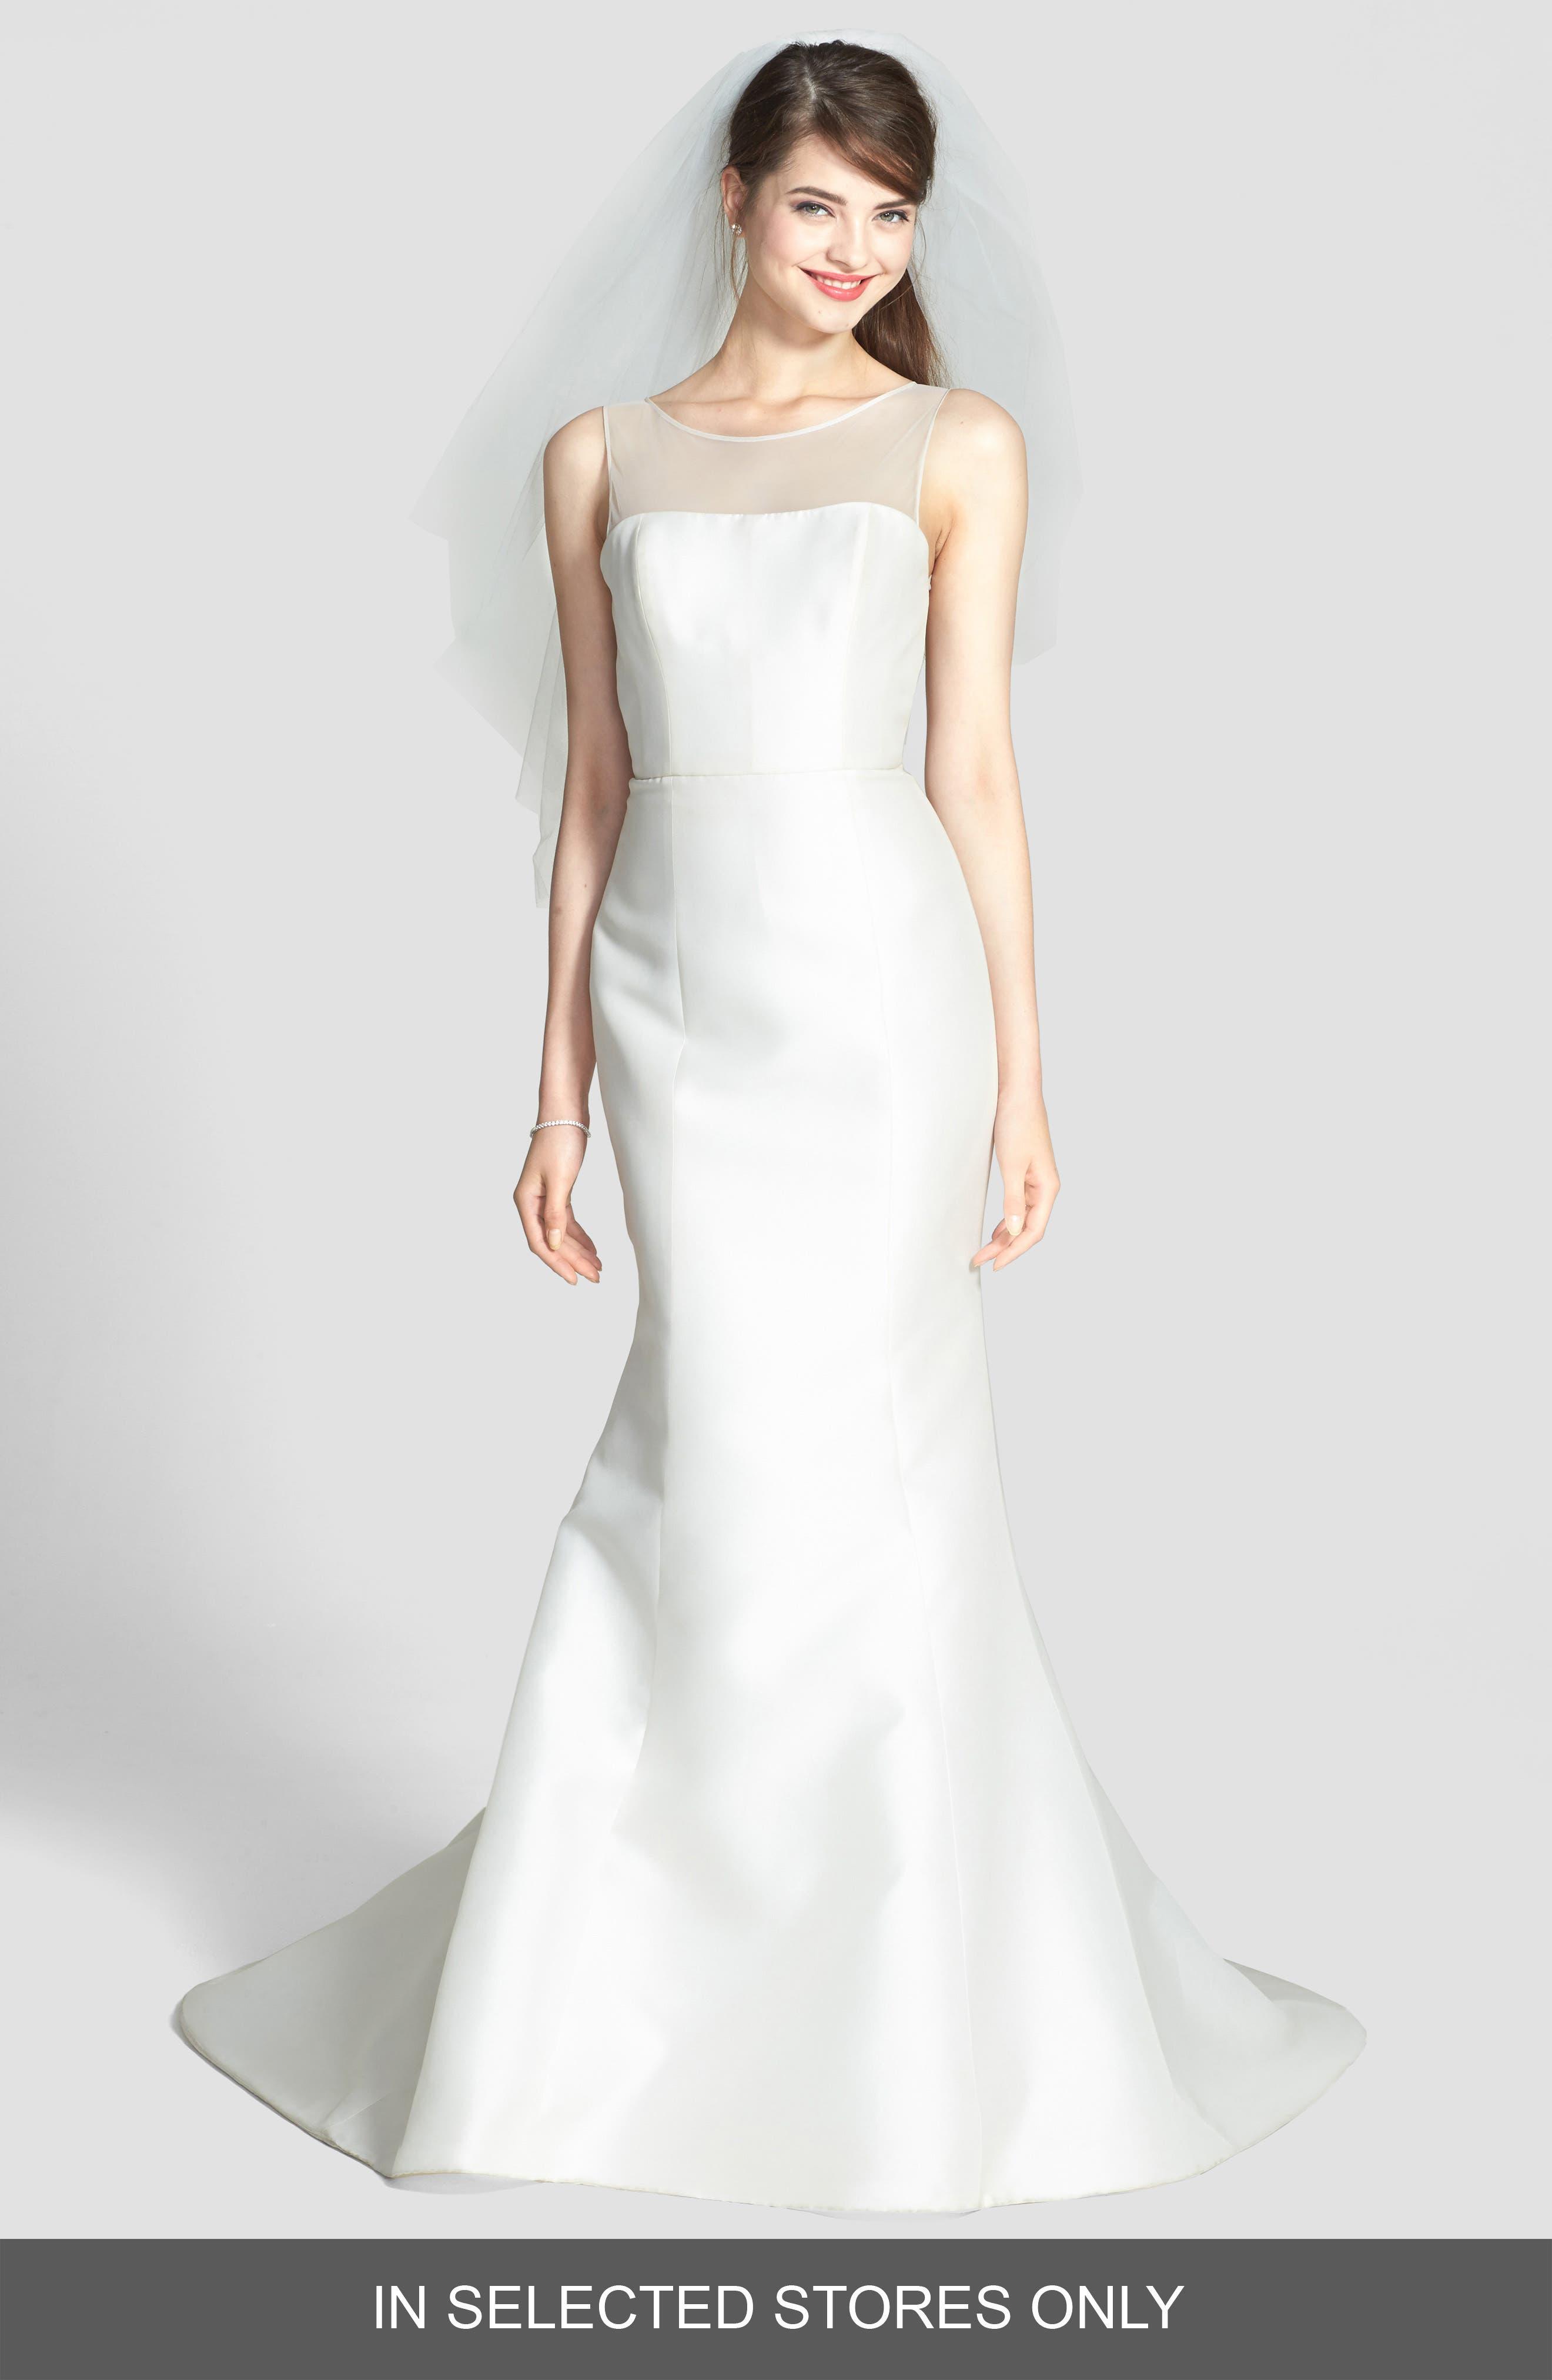 AMSALE Preston Silk Magnolia Sheath Wedding Dress in Ivory